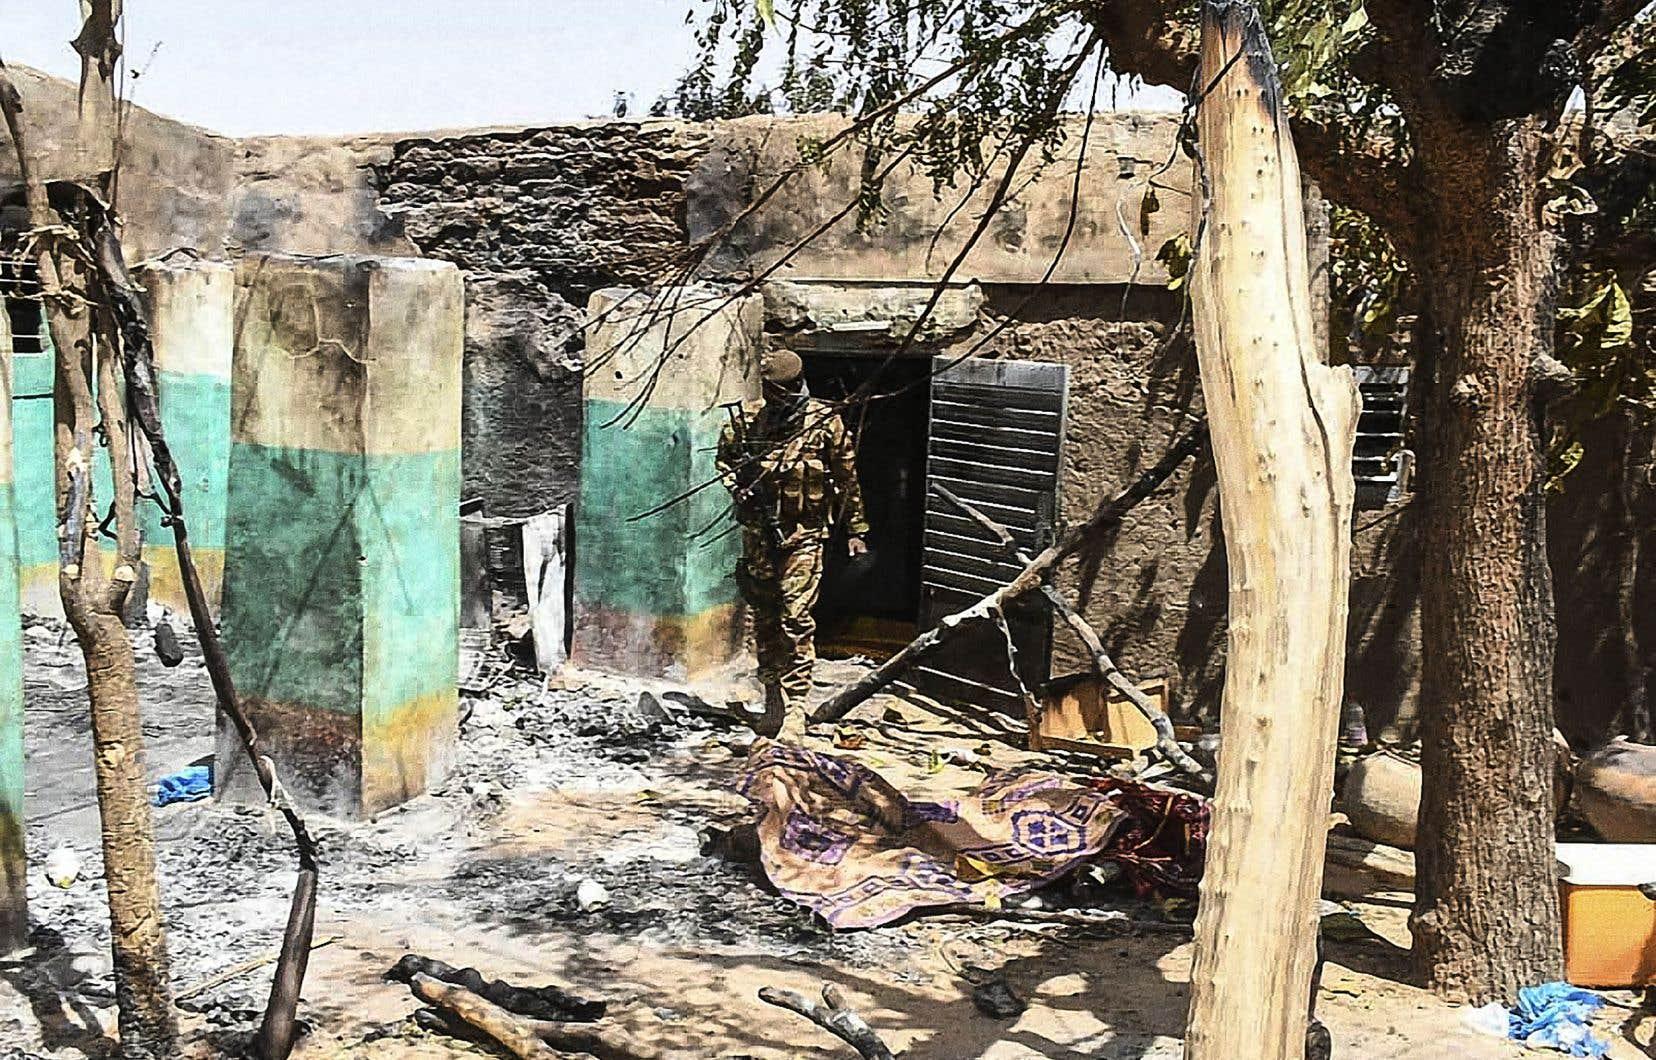 Un soldat malien dans les décombres d'une maison d'Ogossagou, village victime d'une attaque dogon en mars dernier